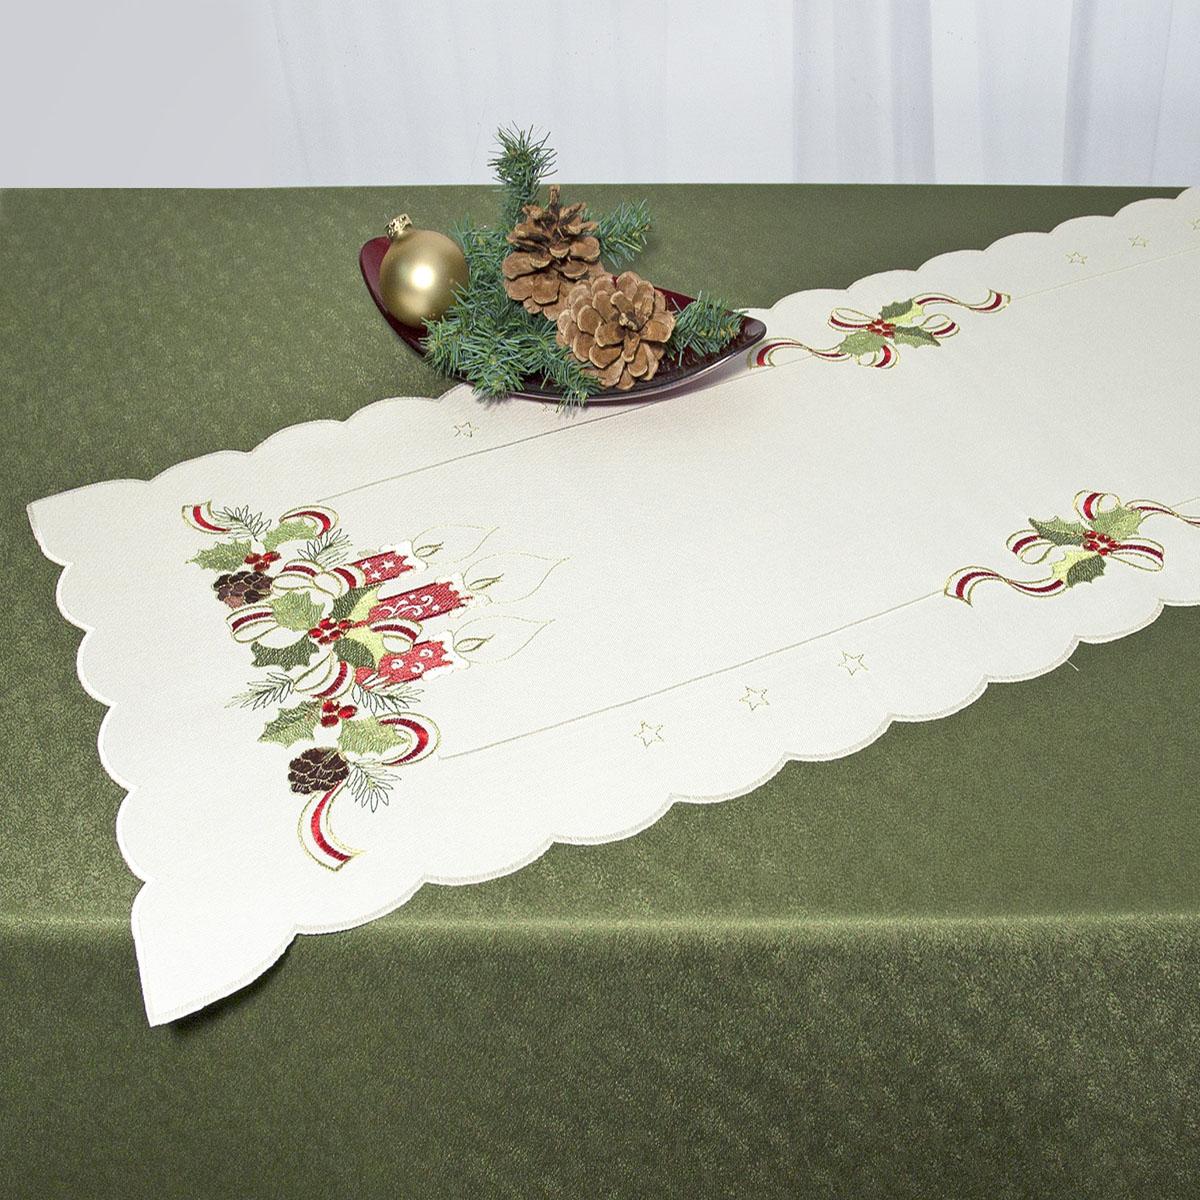 Дорожка для декорирования стола Schaefer, прямоугольная, цвет: бежевый, красный, 40 x 110 см 07488-23307488-233Прямоугольная дорожка Schaefer, выполненная из полиэстера и украшенная вышивкой в виде рождественских свечей, предназначена для декорирования стола, комода или тумбы. Дорожка имеет волнистые края. Изысканное оформление изделия придает ему необыкновенную легкость. Благодаря такой дорожке вы защитите поверхность мебели от воды, пятен и механических воздействий, а также создадите атмосферу уюта и домашнего тепла в интерьере вашей квартиры. Изделия из искусственных волокон легко стирать: они не мнутся, не садятся и быстро сохнут, они более долговечны, чем изделия из натуральных волокон.